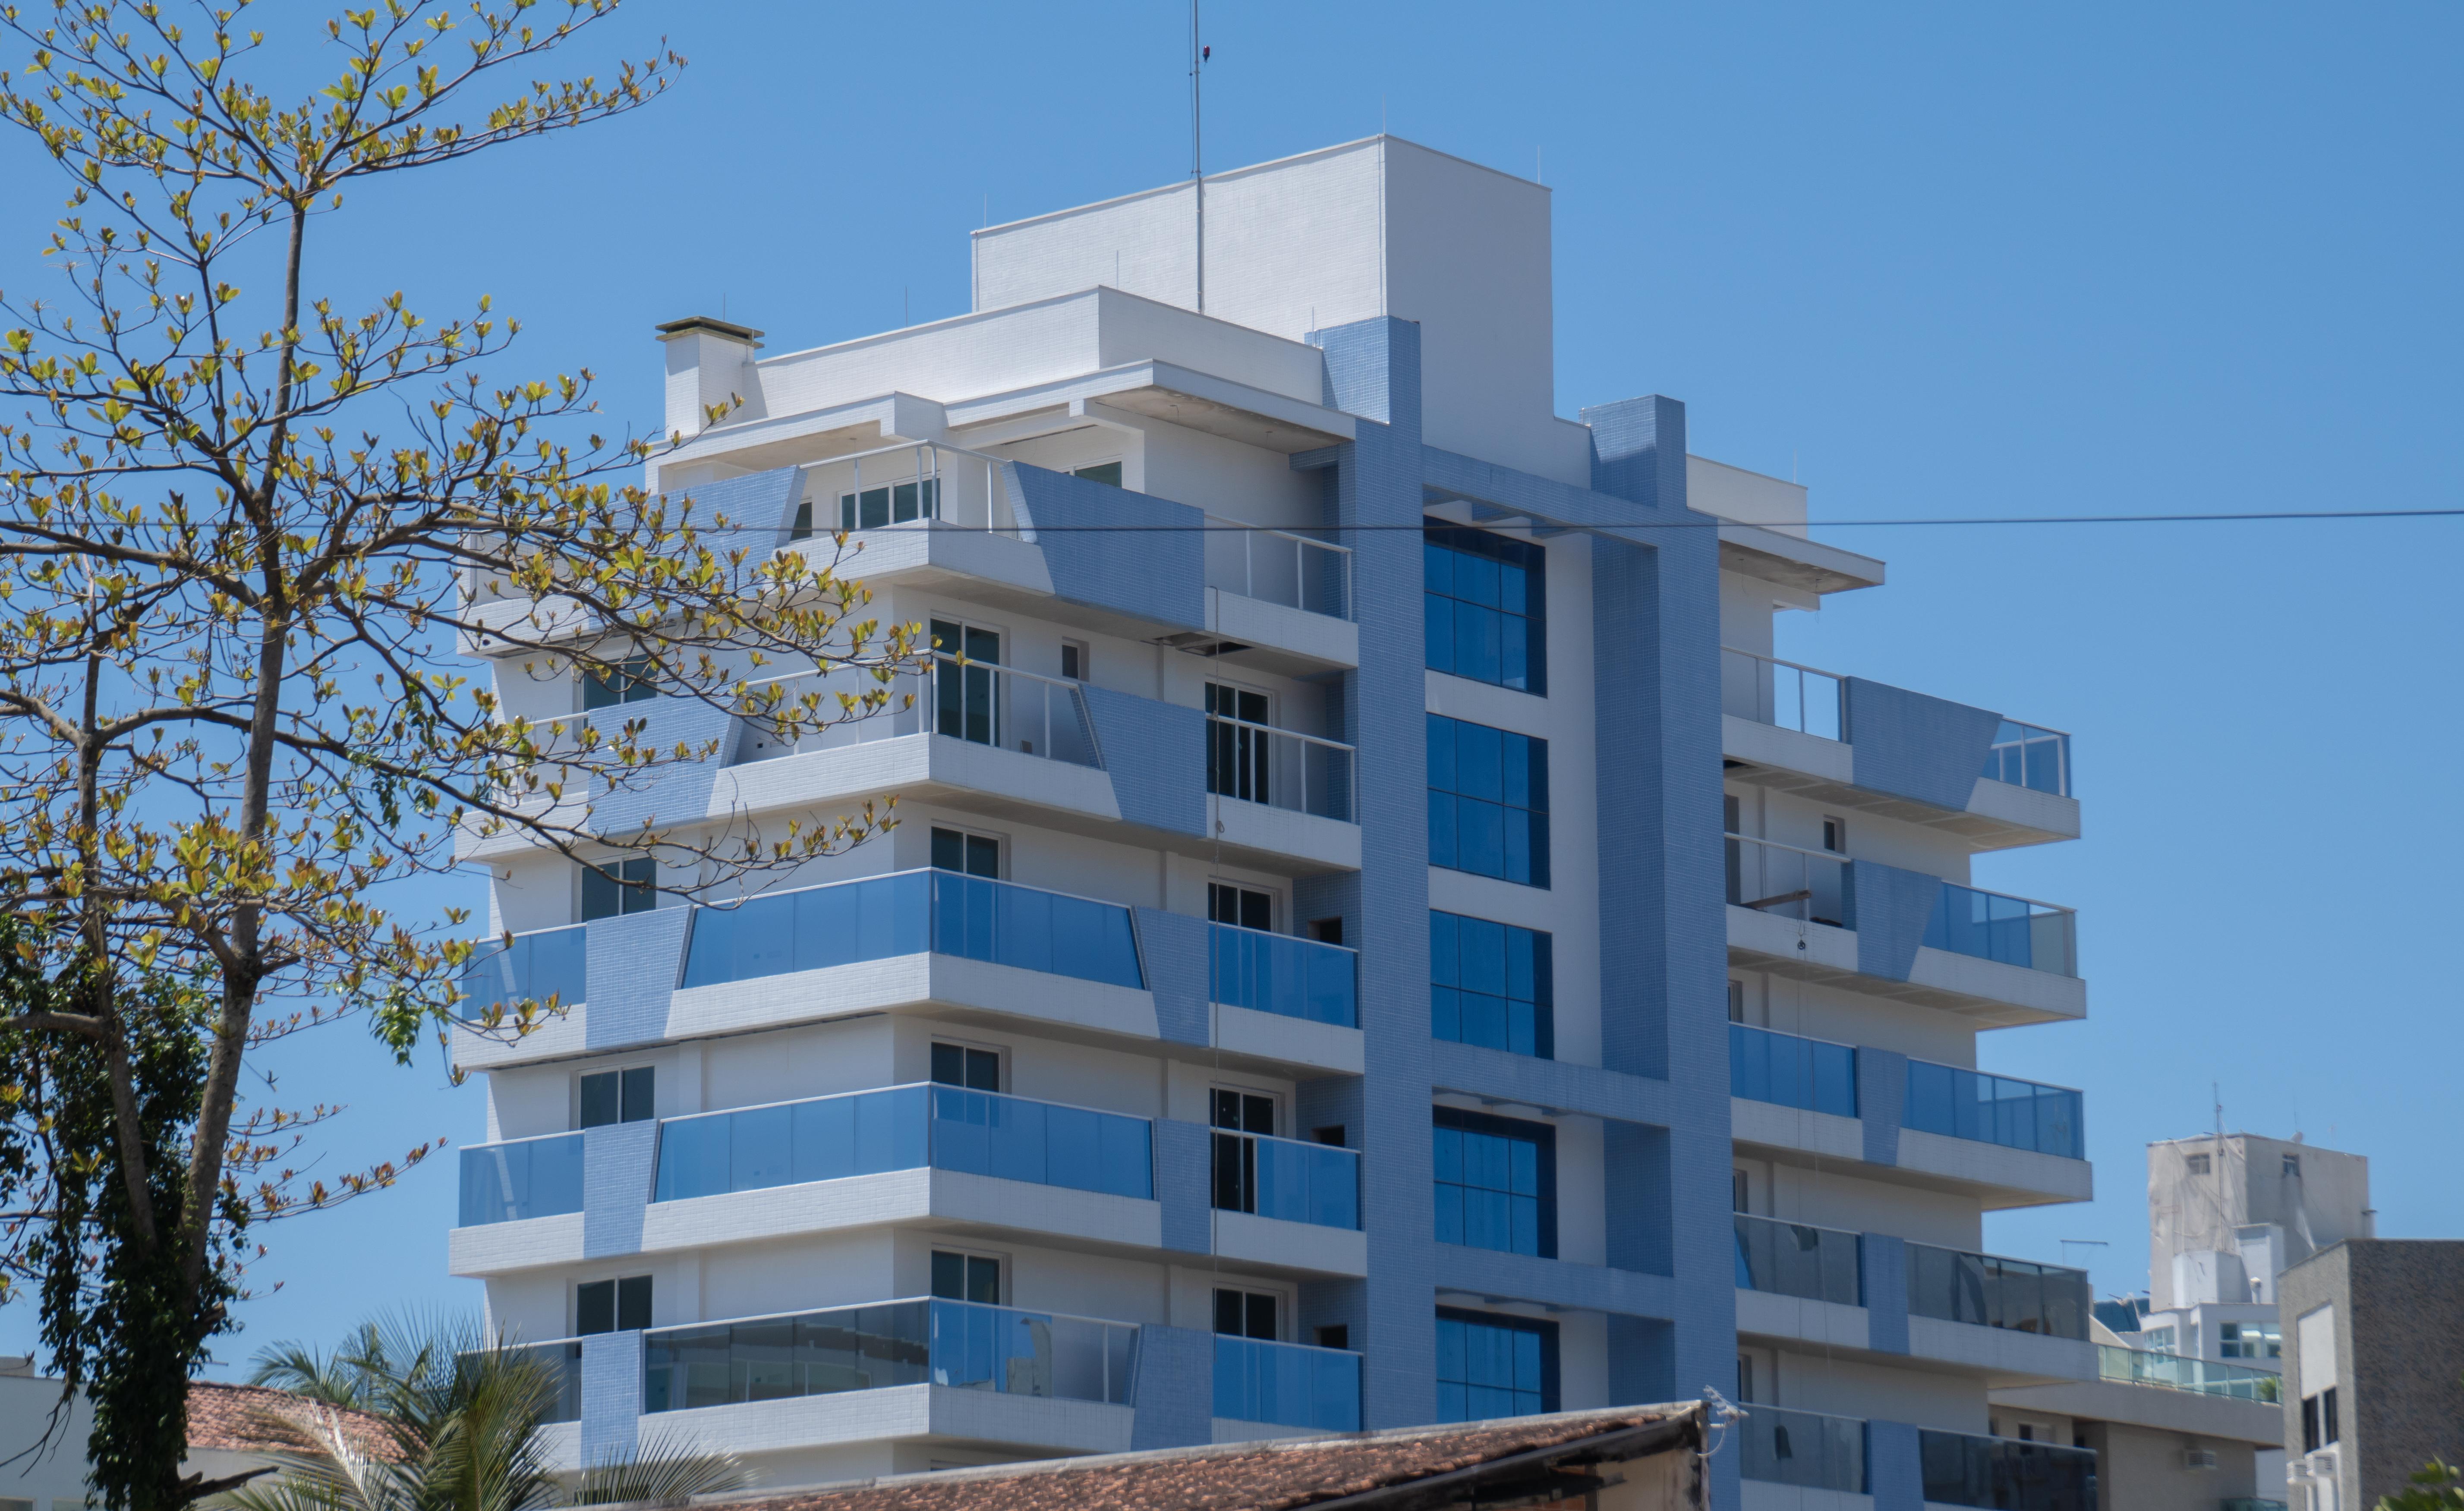 Málaga fachada 2